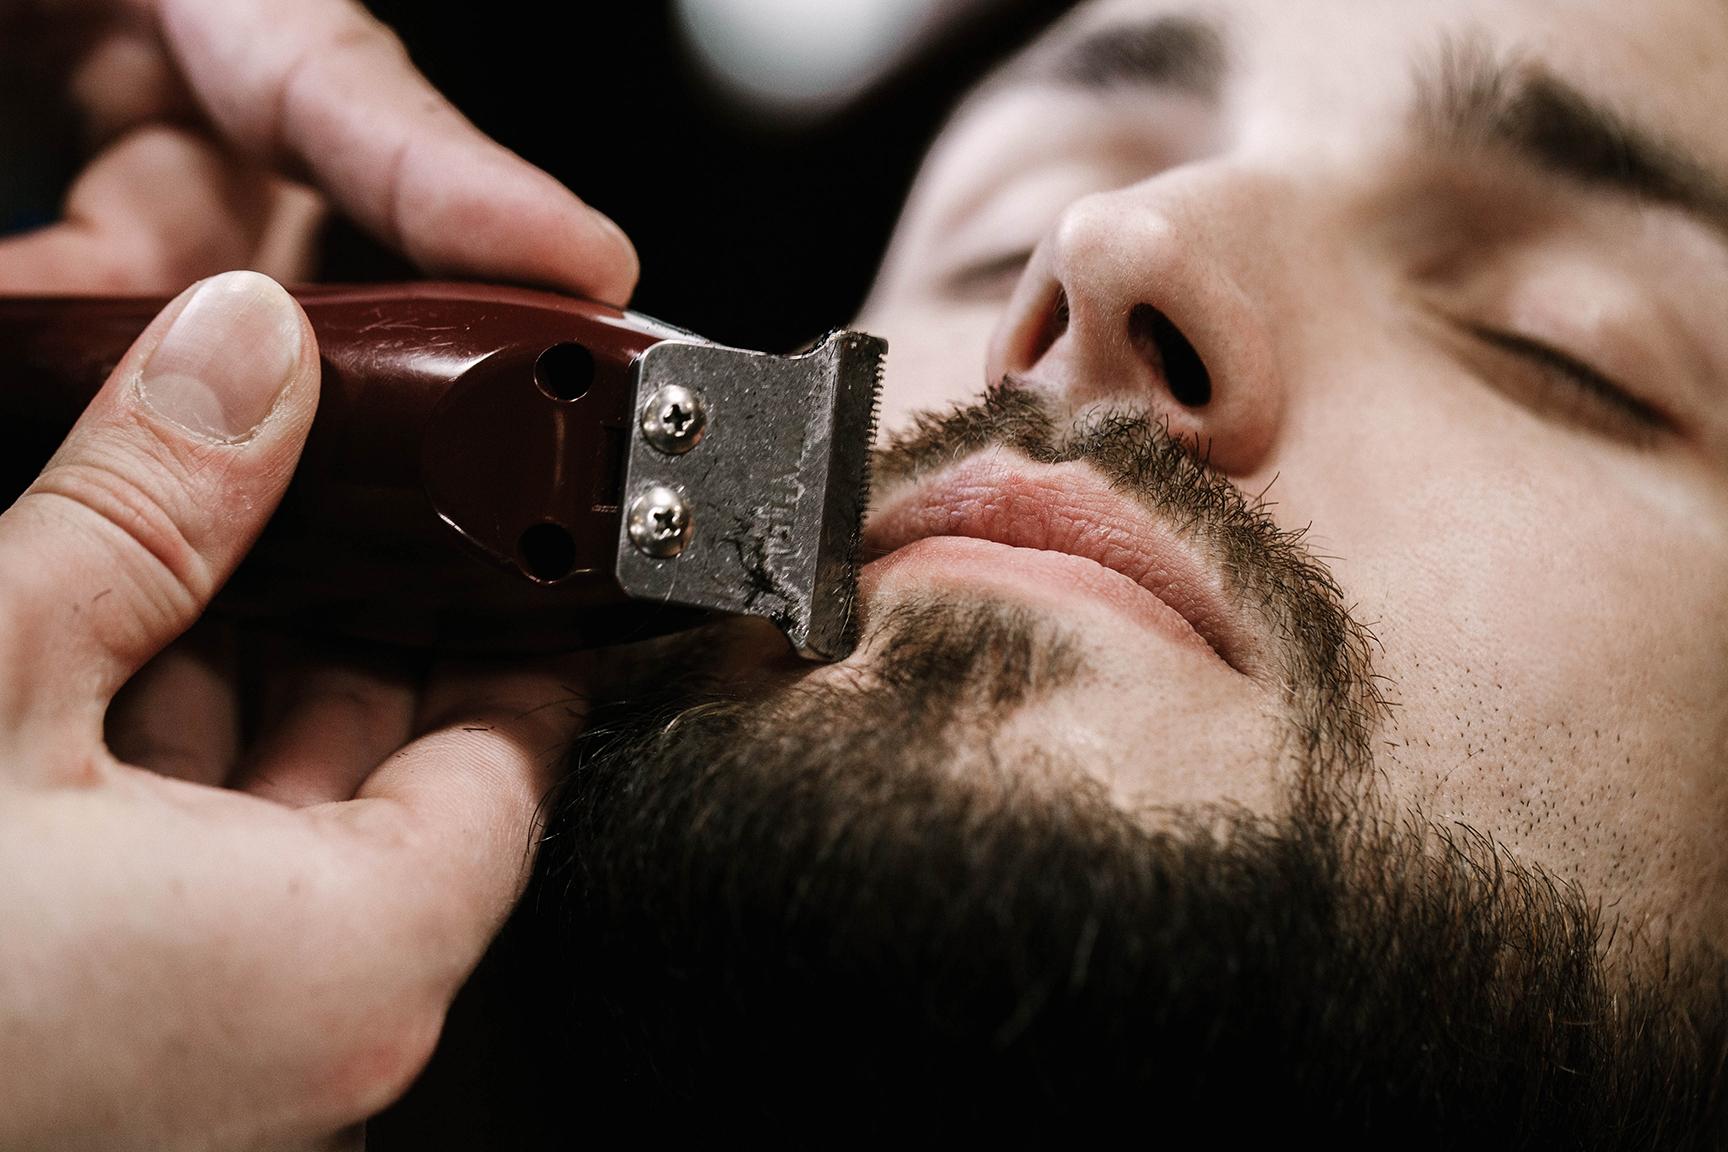 4 sprawdzone sposoby na podrażnienia po goleniu